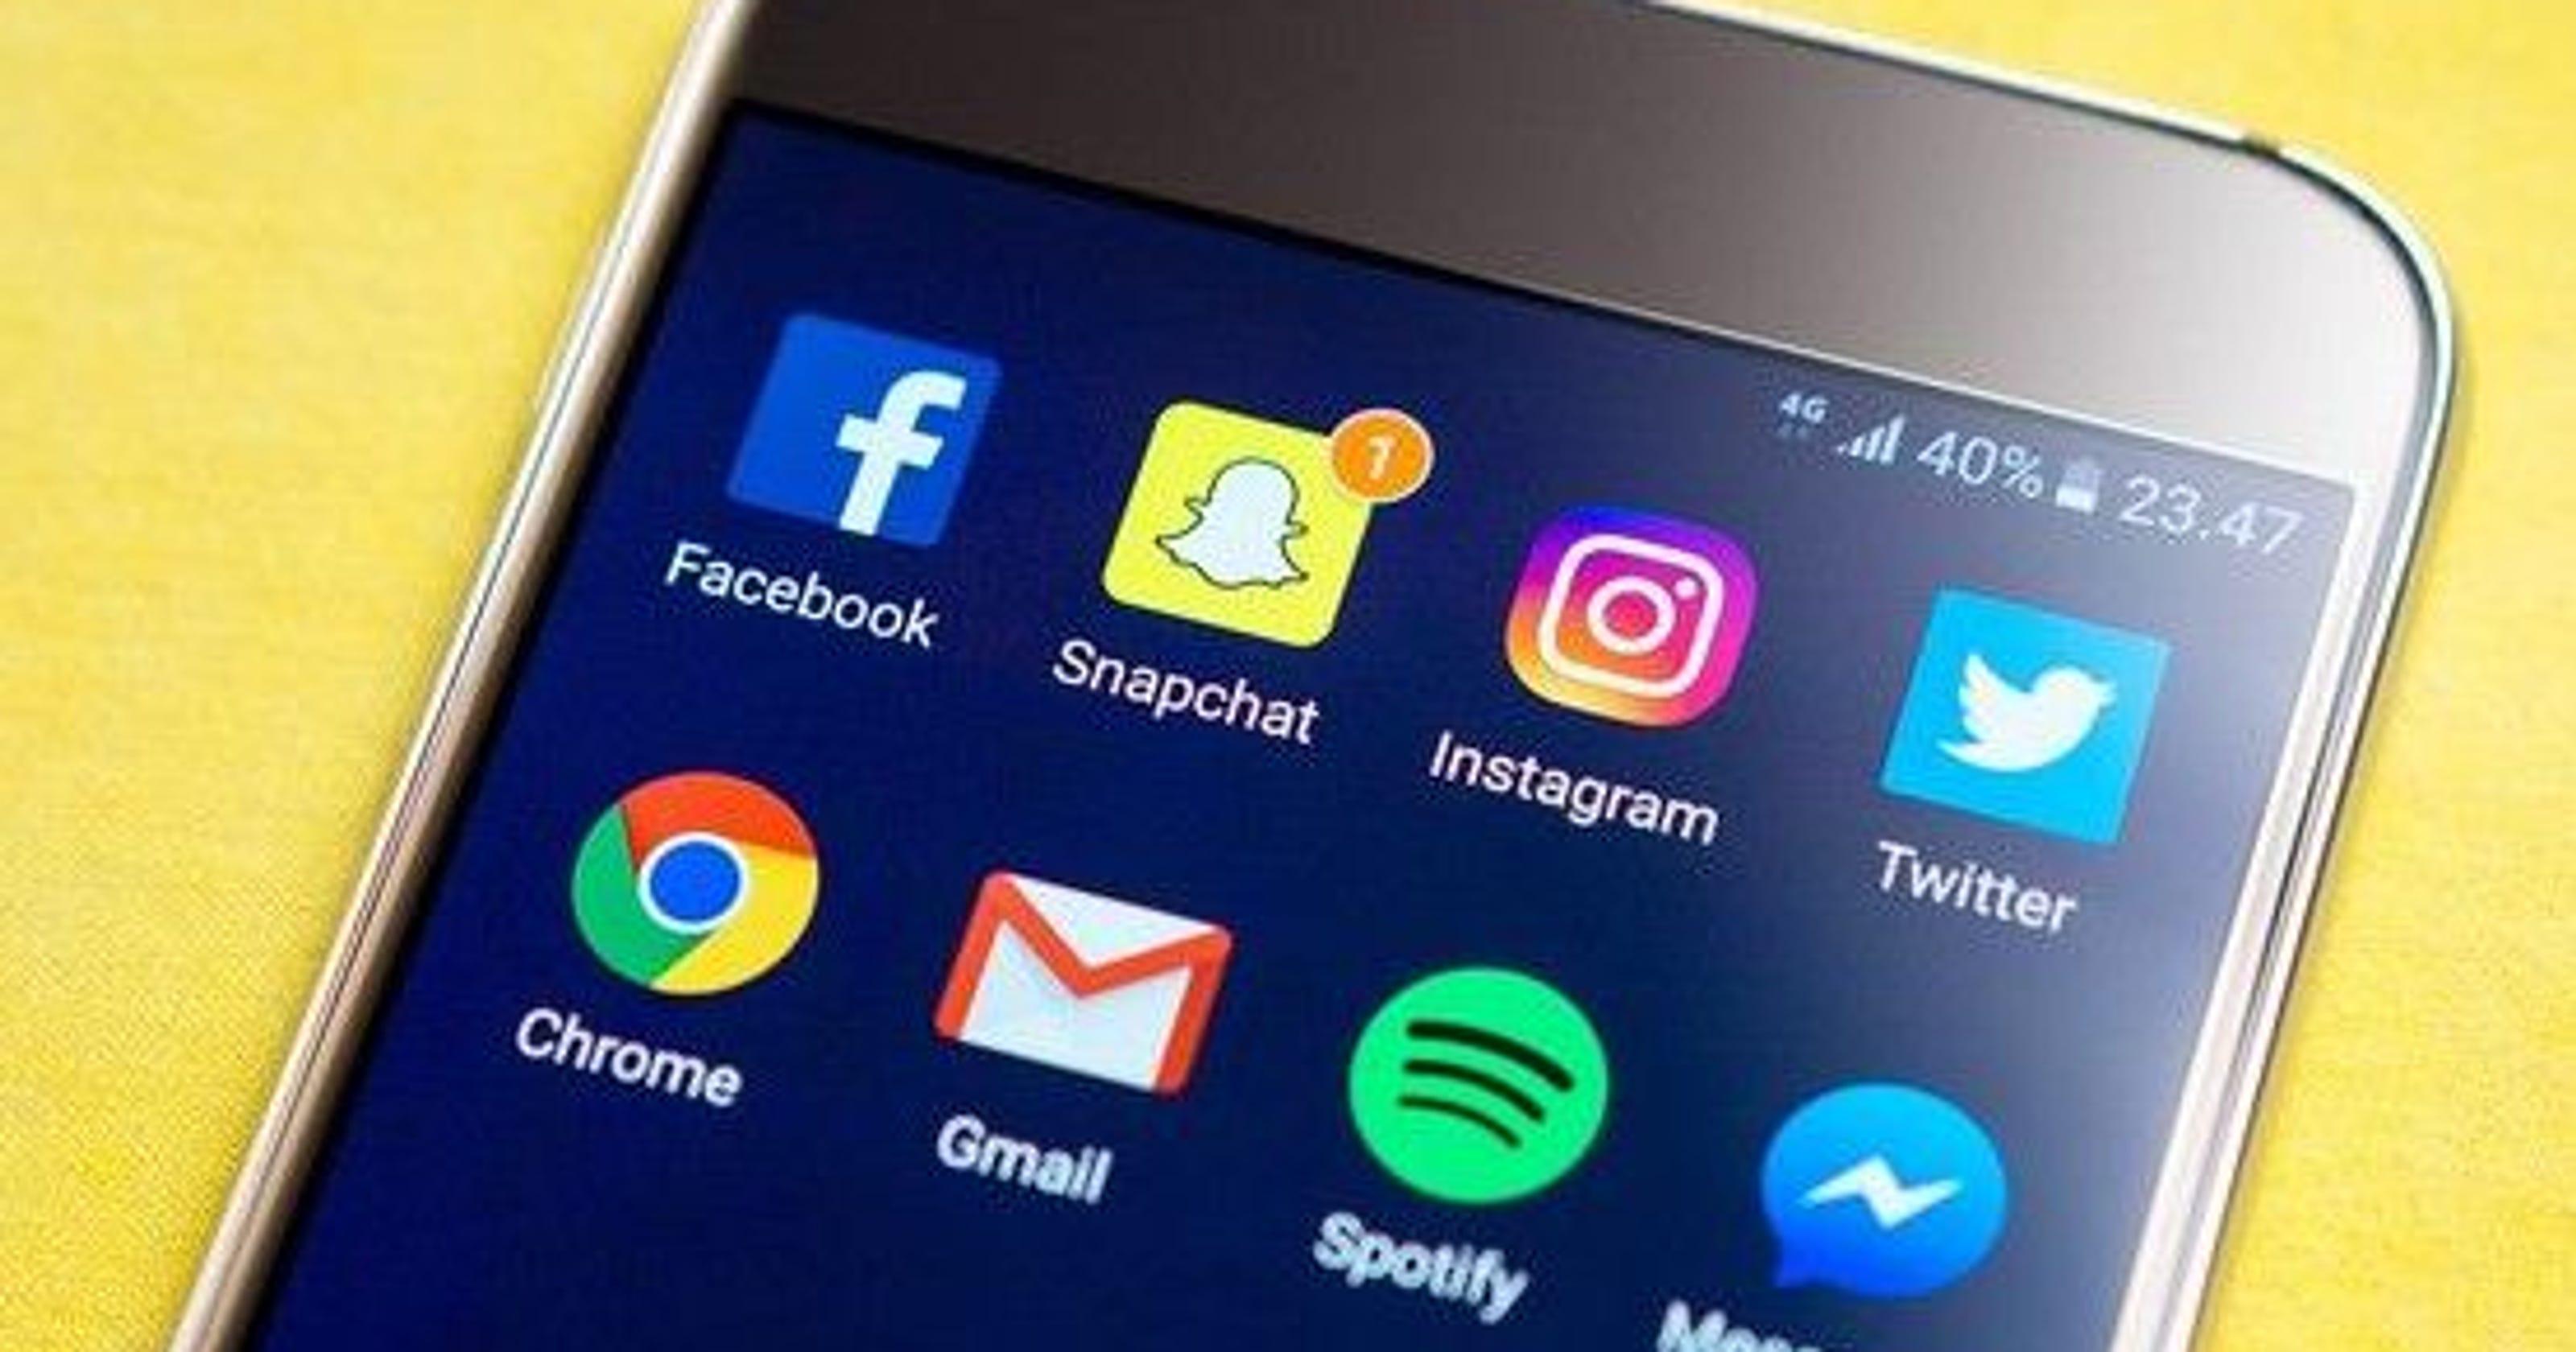 بالخطوات.. كيف تحفظ مقاطع الفيديو من تويتر وفيس بوك على جهازك؟